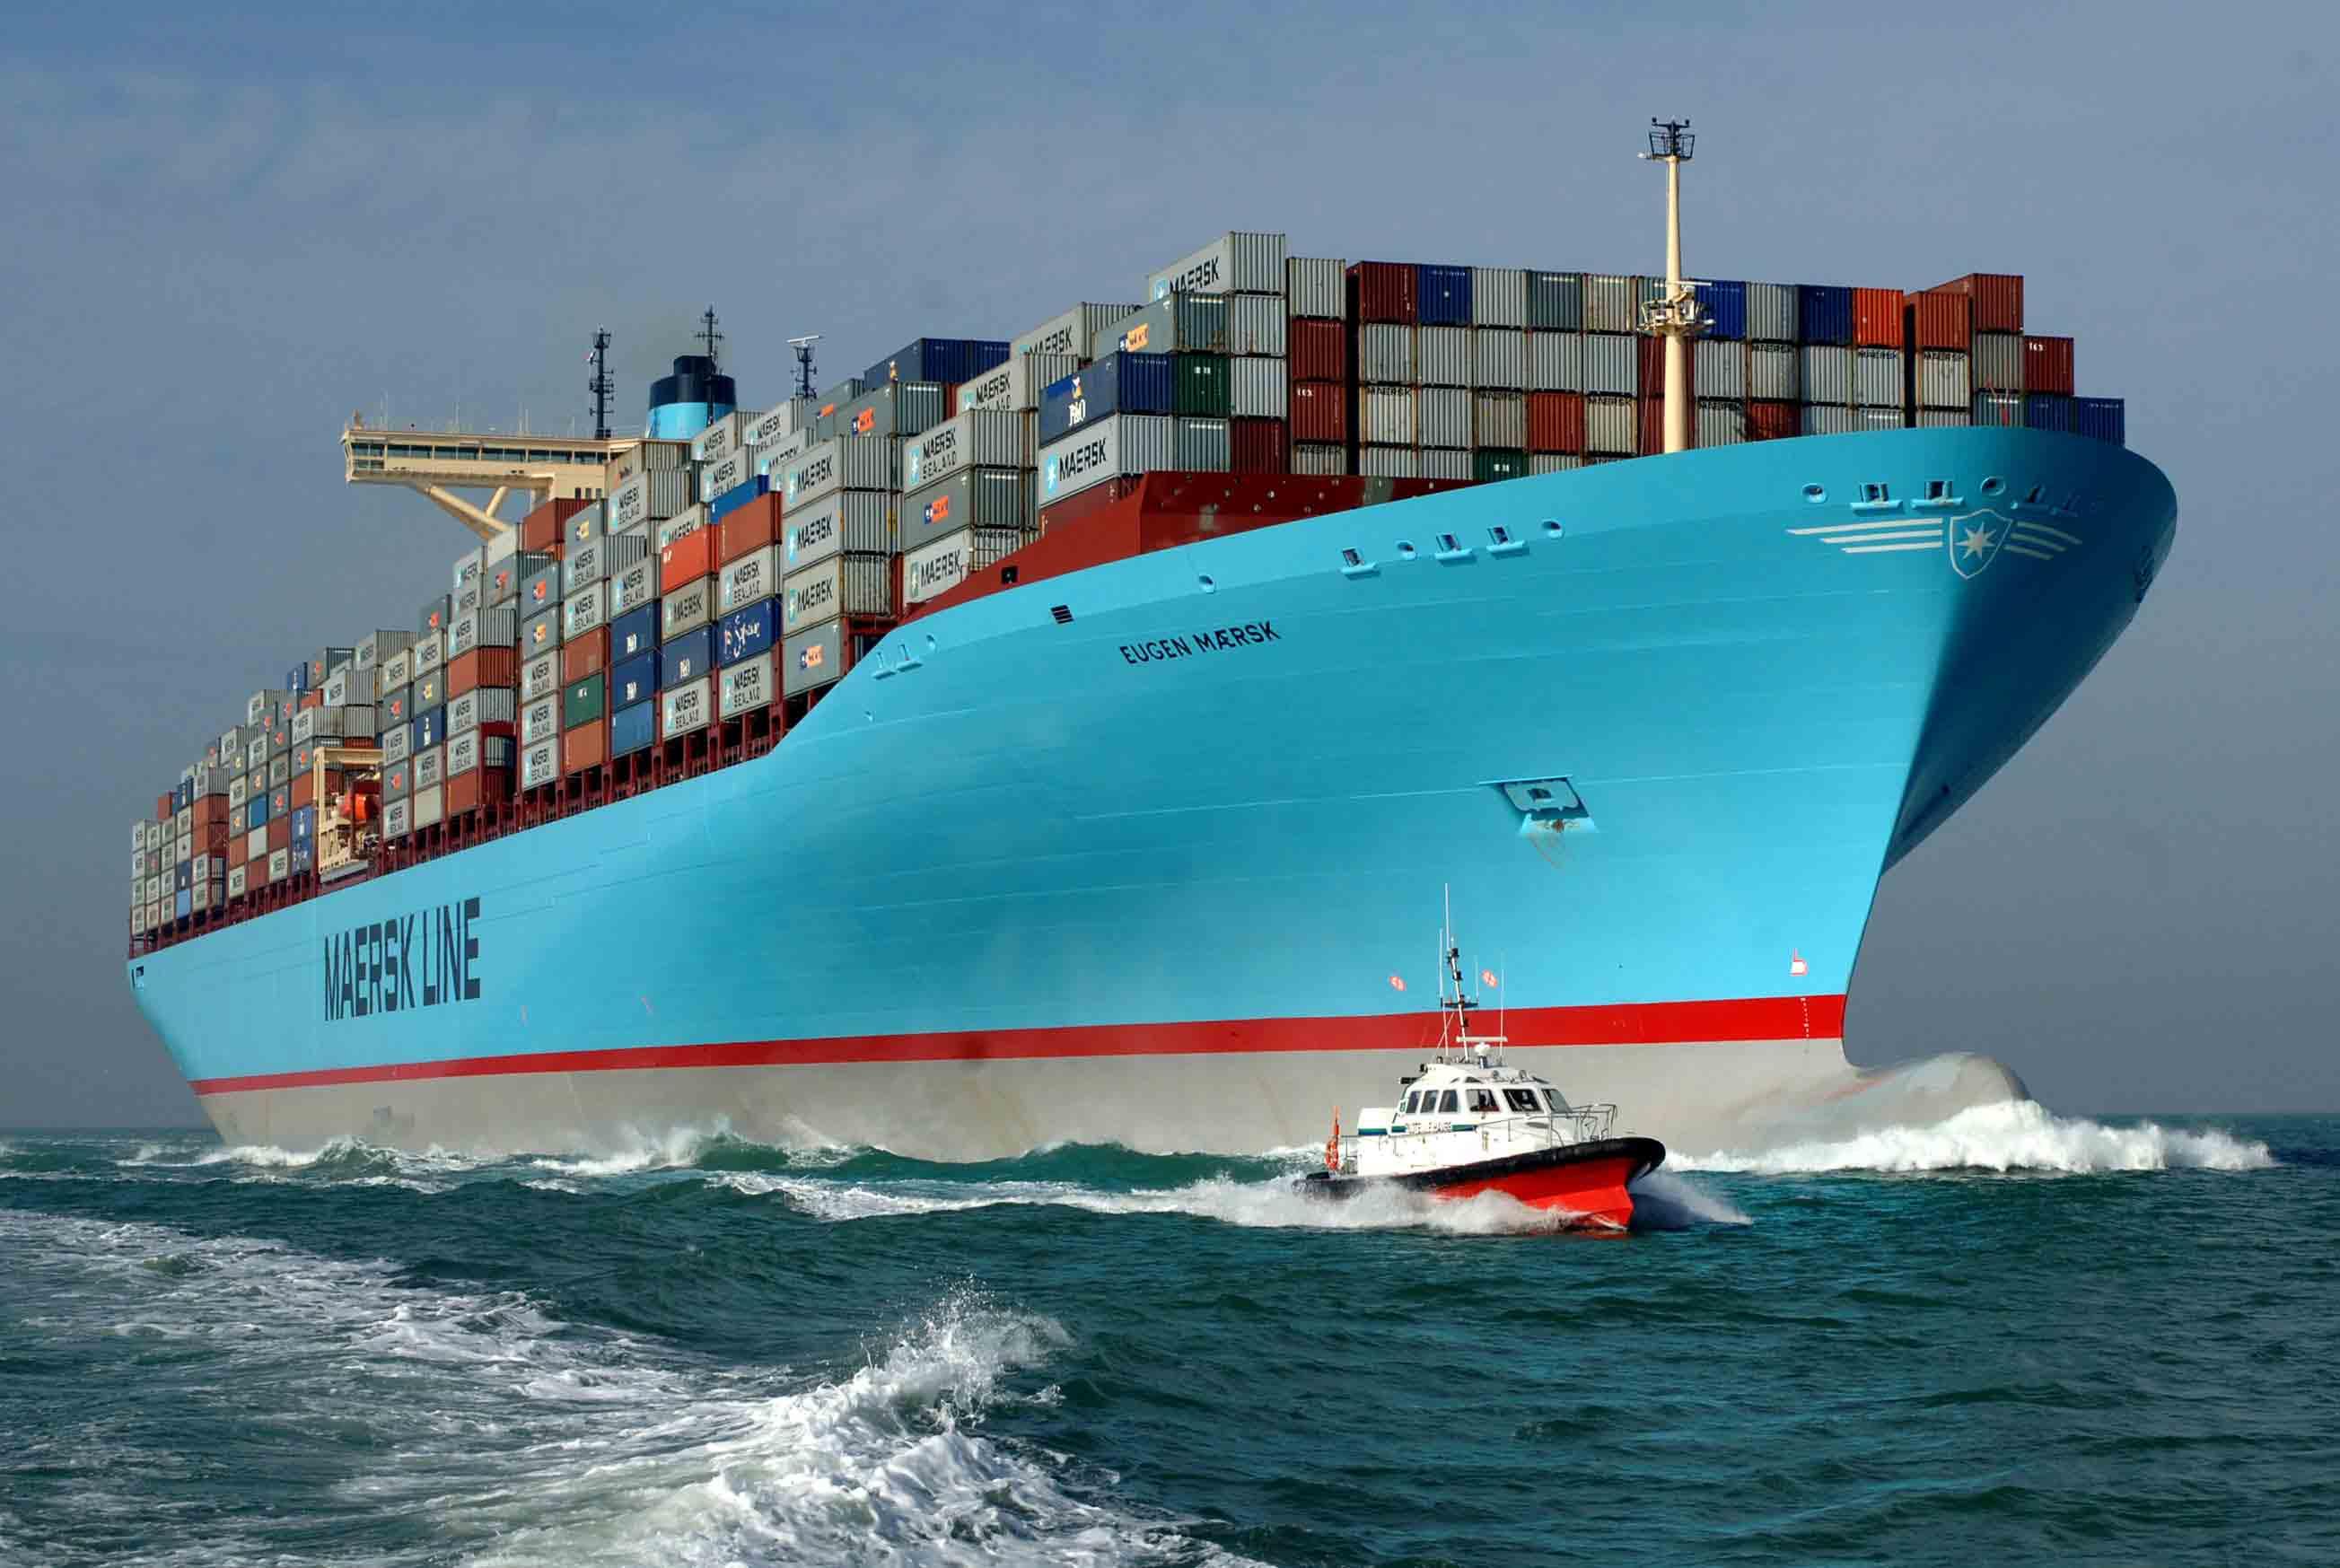 compania maersk